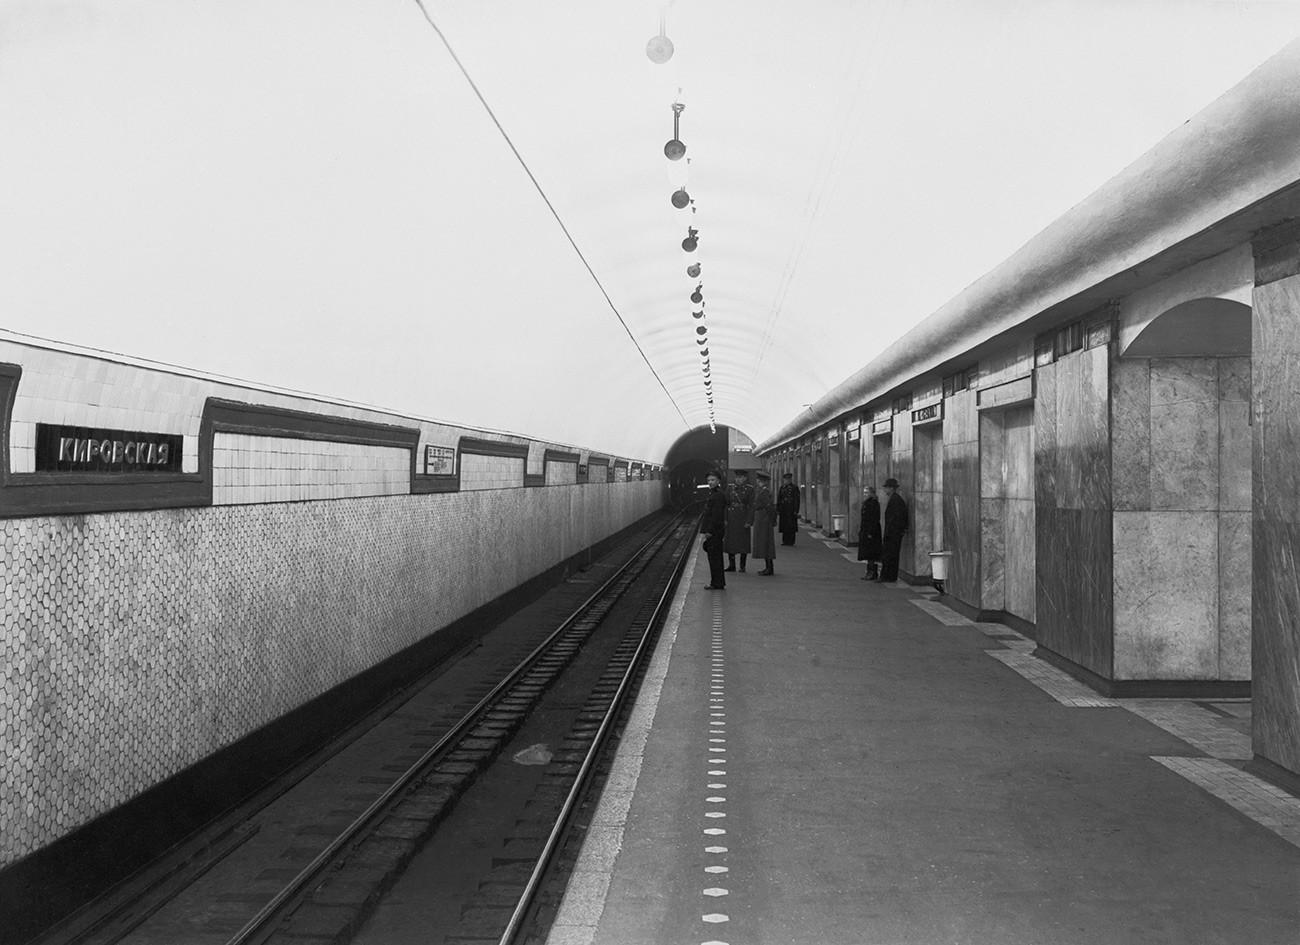 キーロフスカヤ駅のホーム